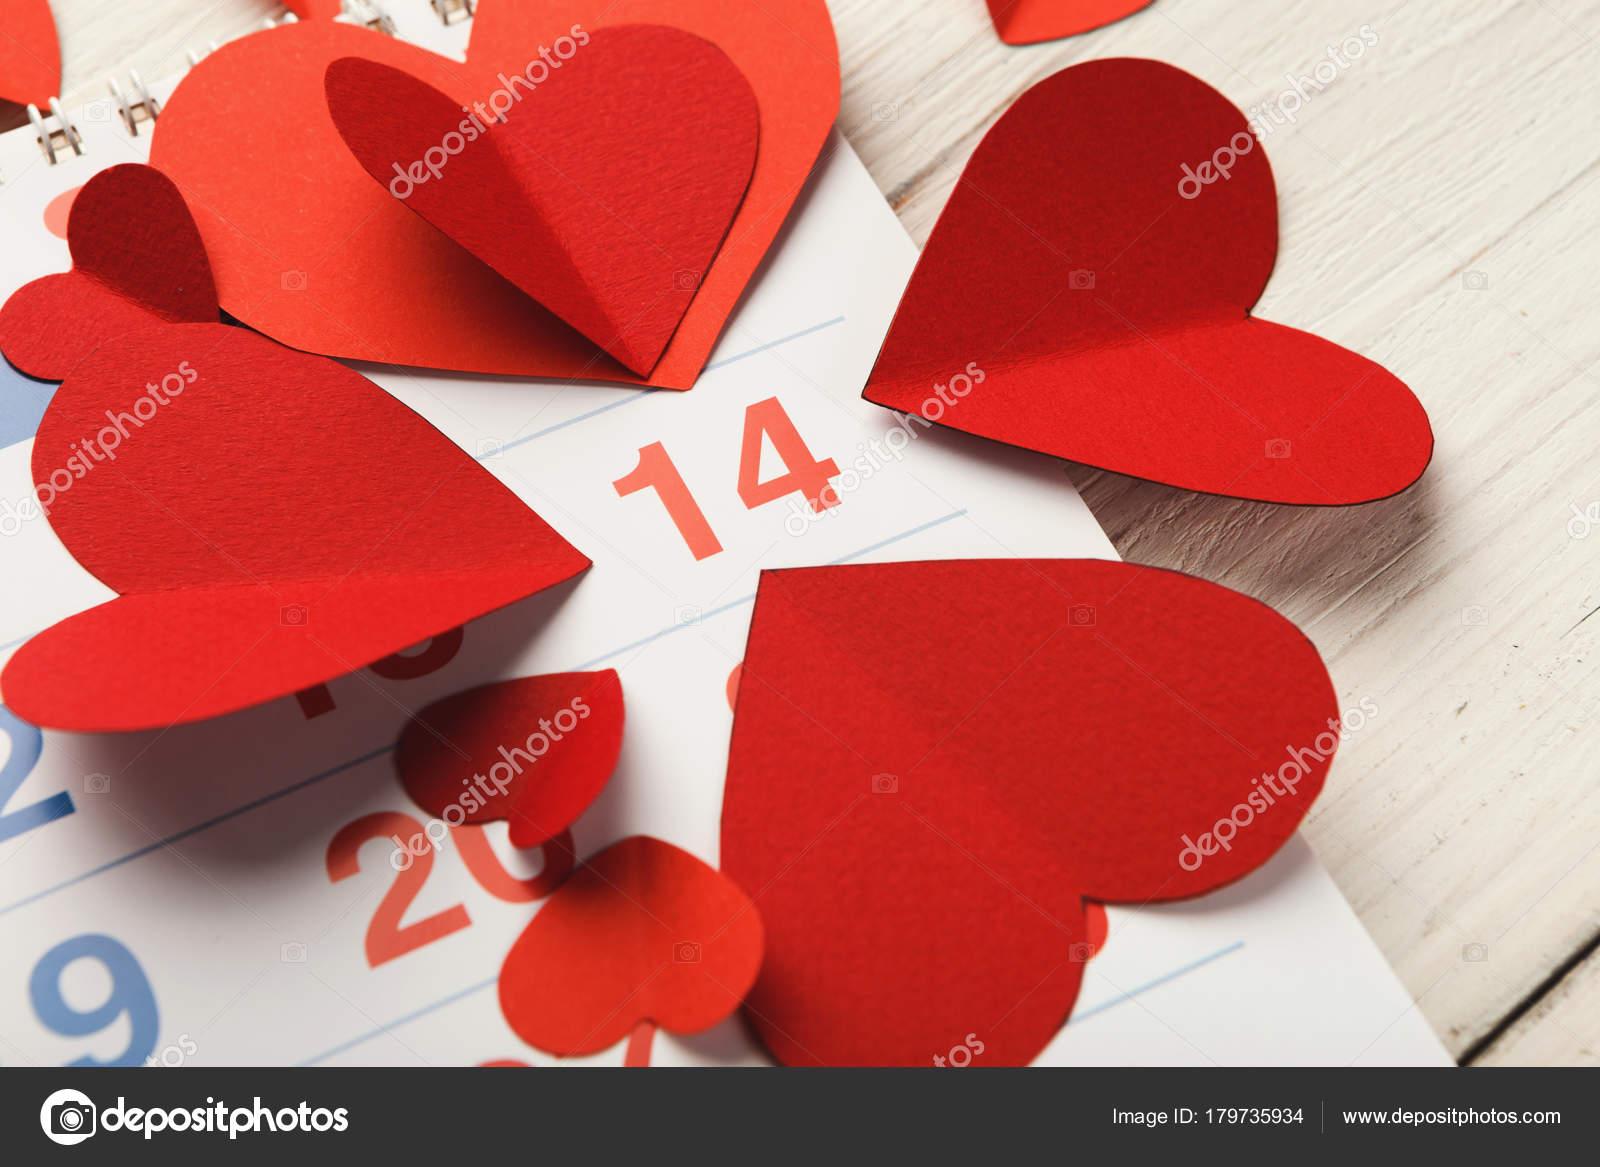 Rossi Sul Calendario.Pagina Del Calendario Con I Cuori Rossi Il 14 Febbraio